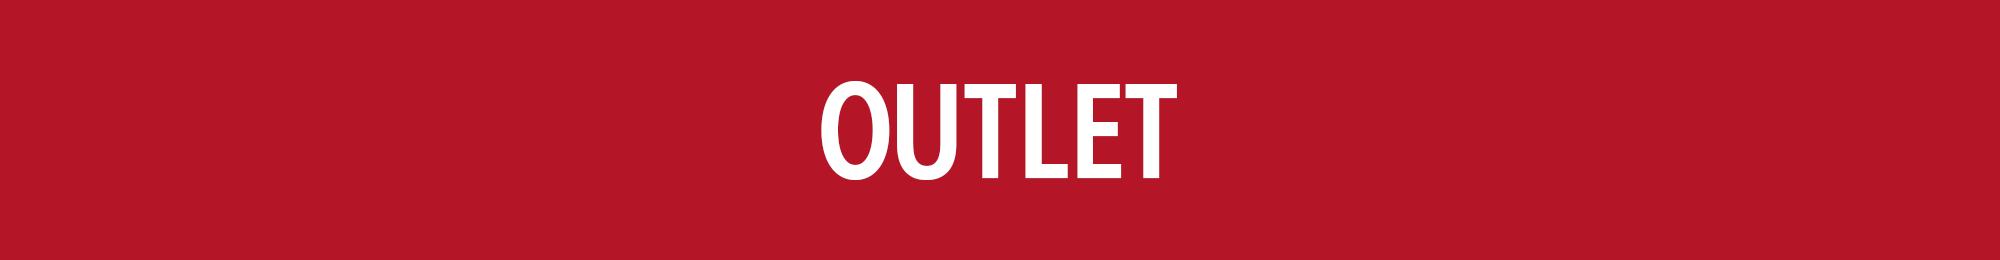 banner outlet